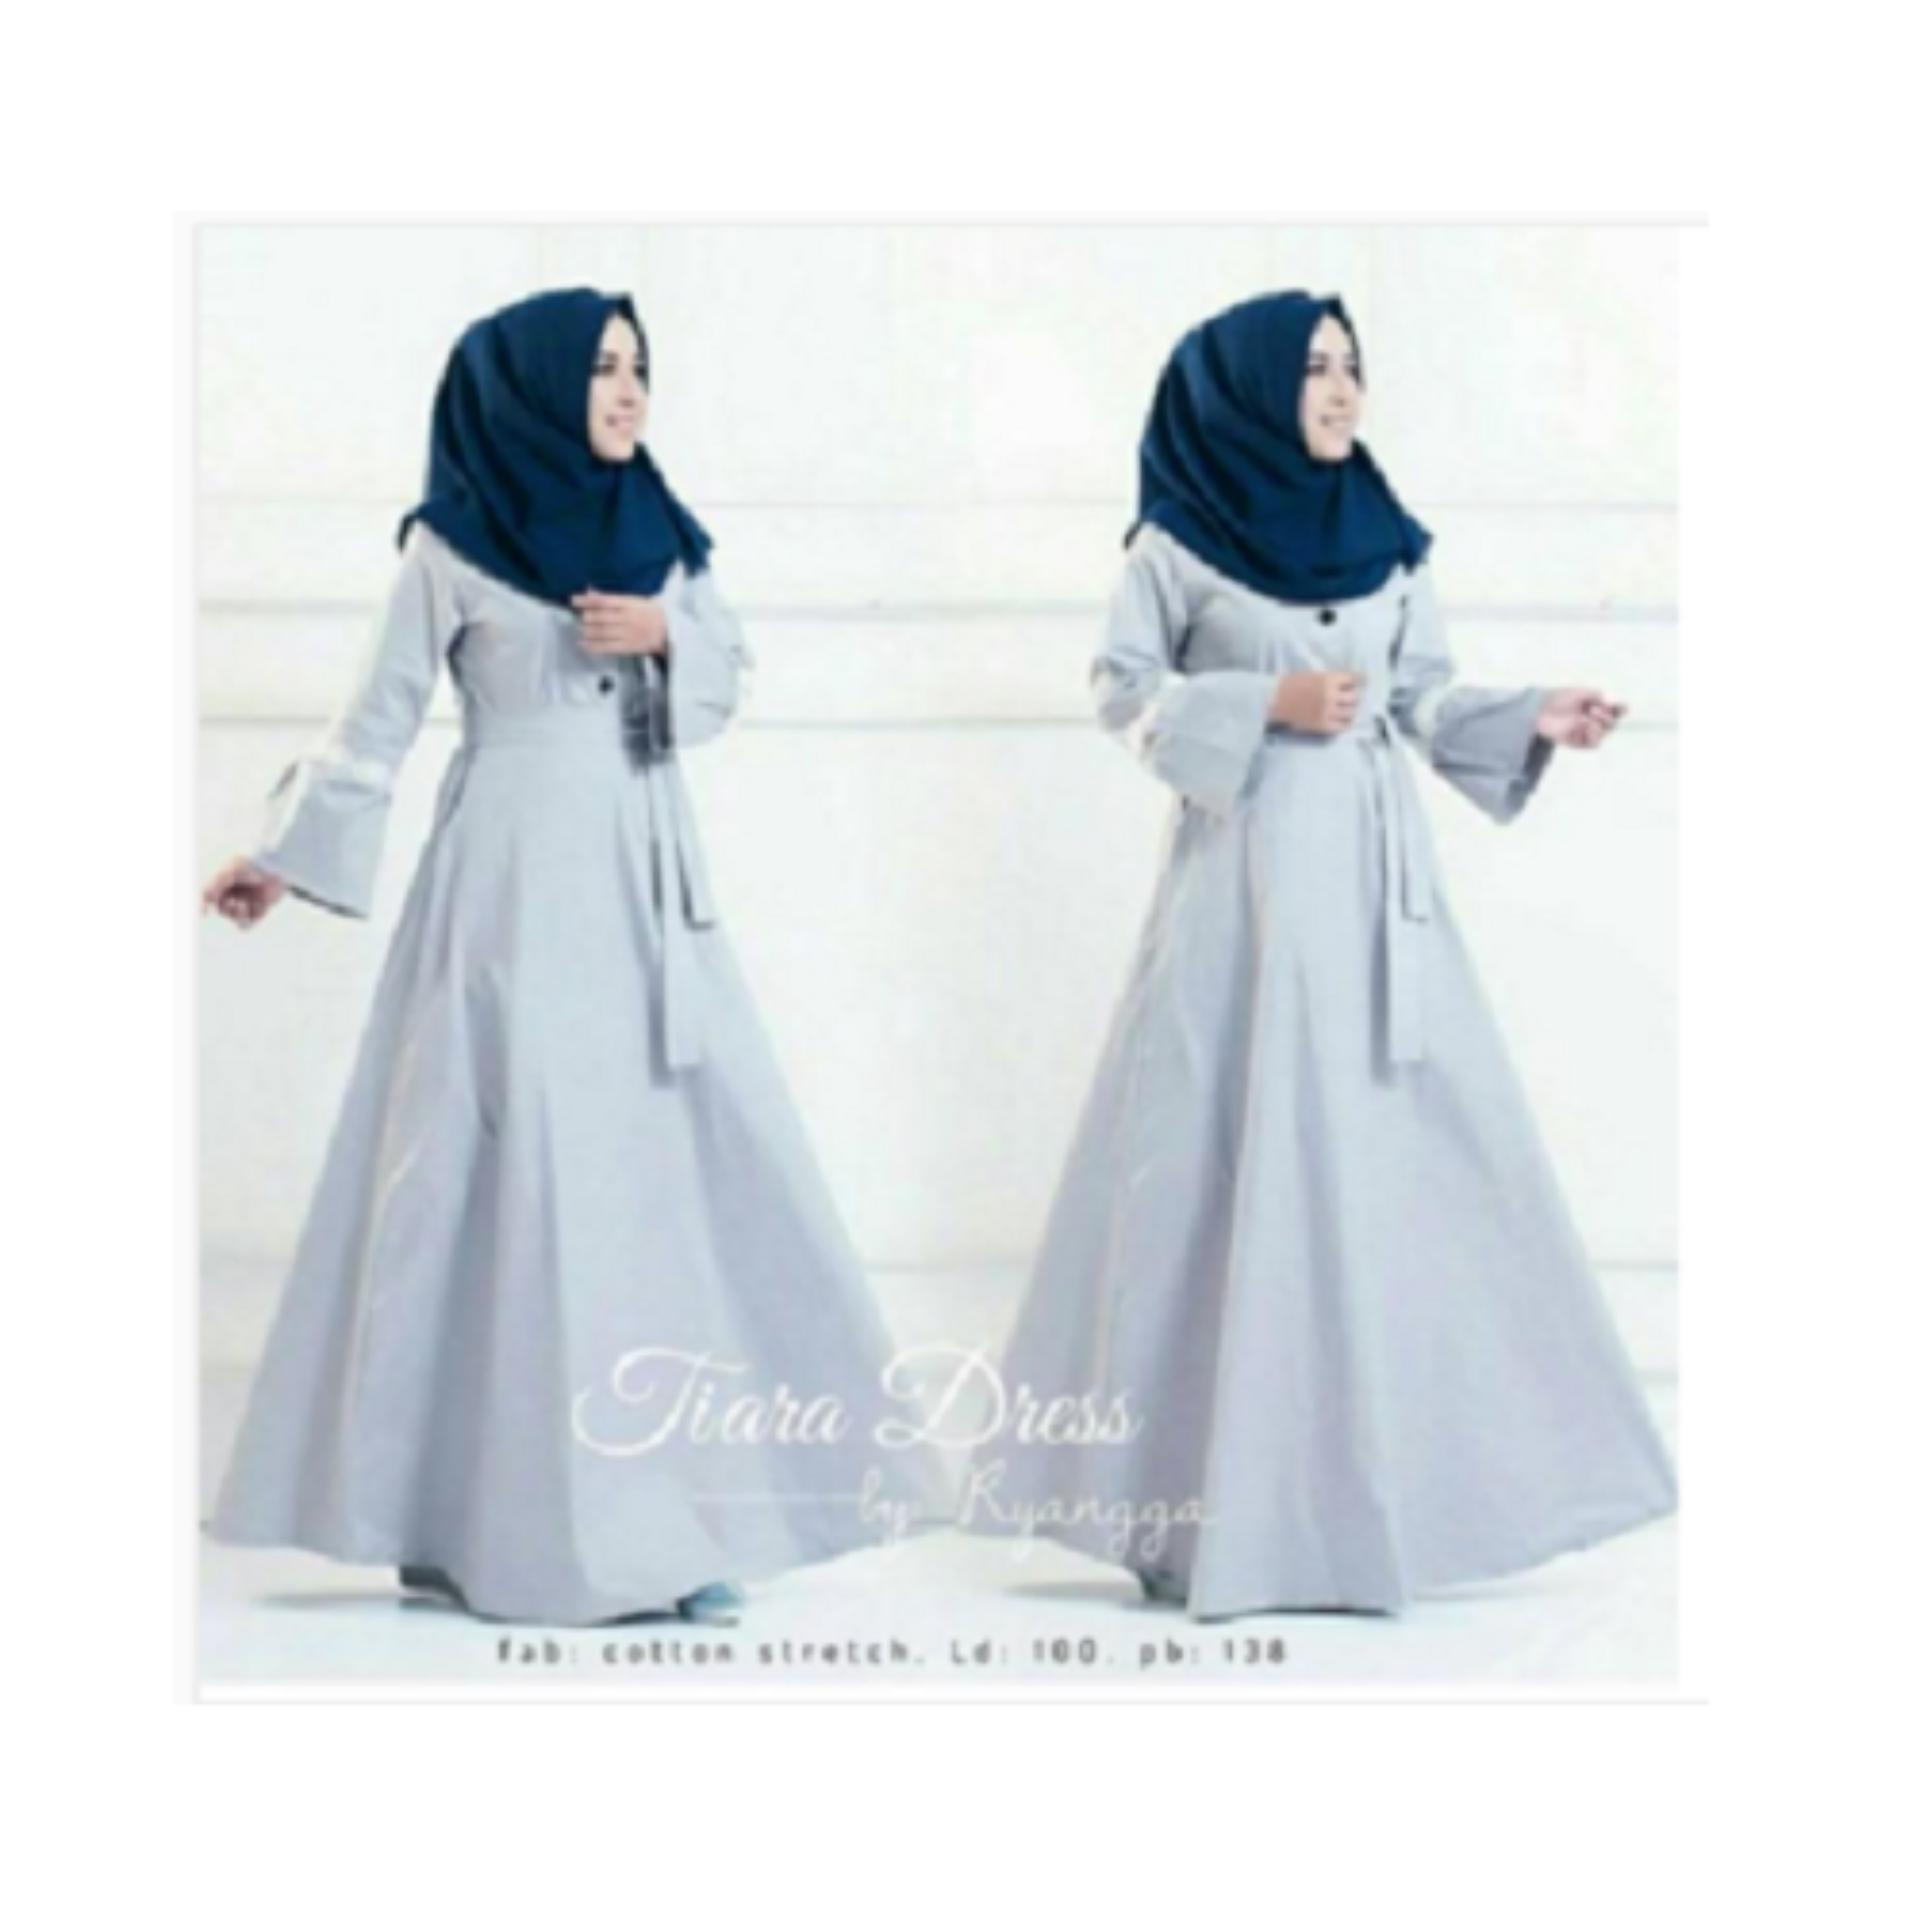 Baju Muslim Original Gamis Tiara Dress Dress Wolfice Muslim Panjang Dress  Casual Wanita Pakaian Hijab Modern 0d9471ddcf